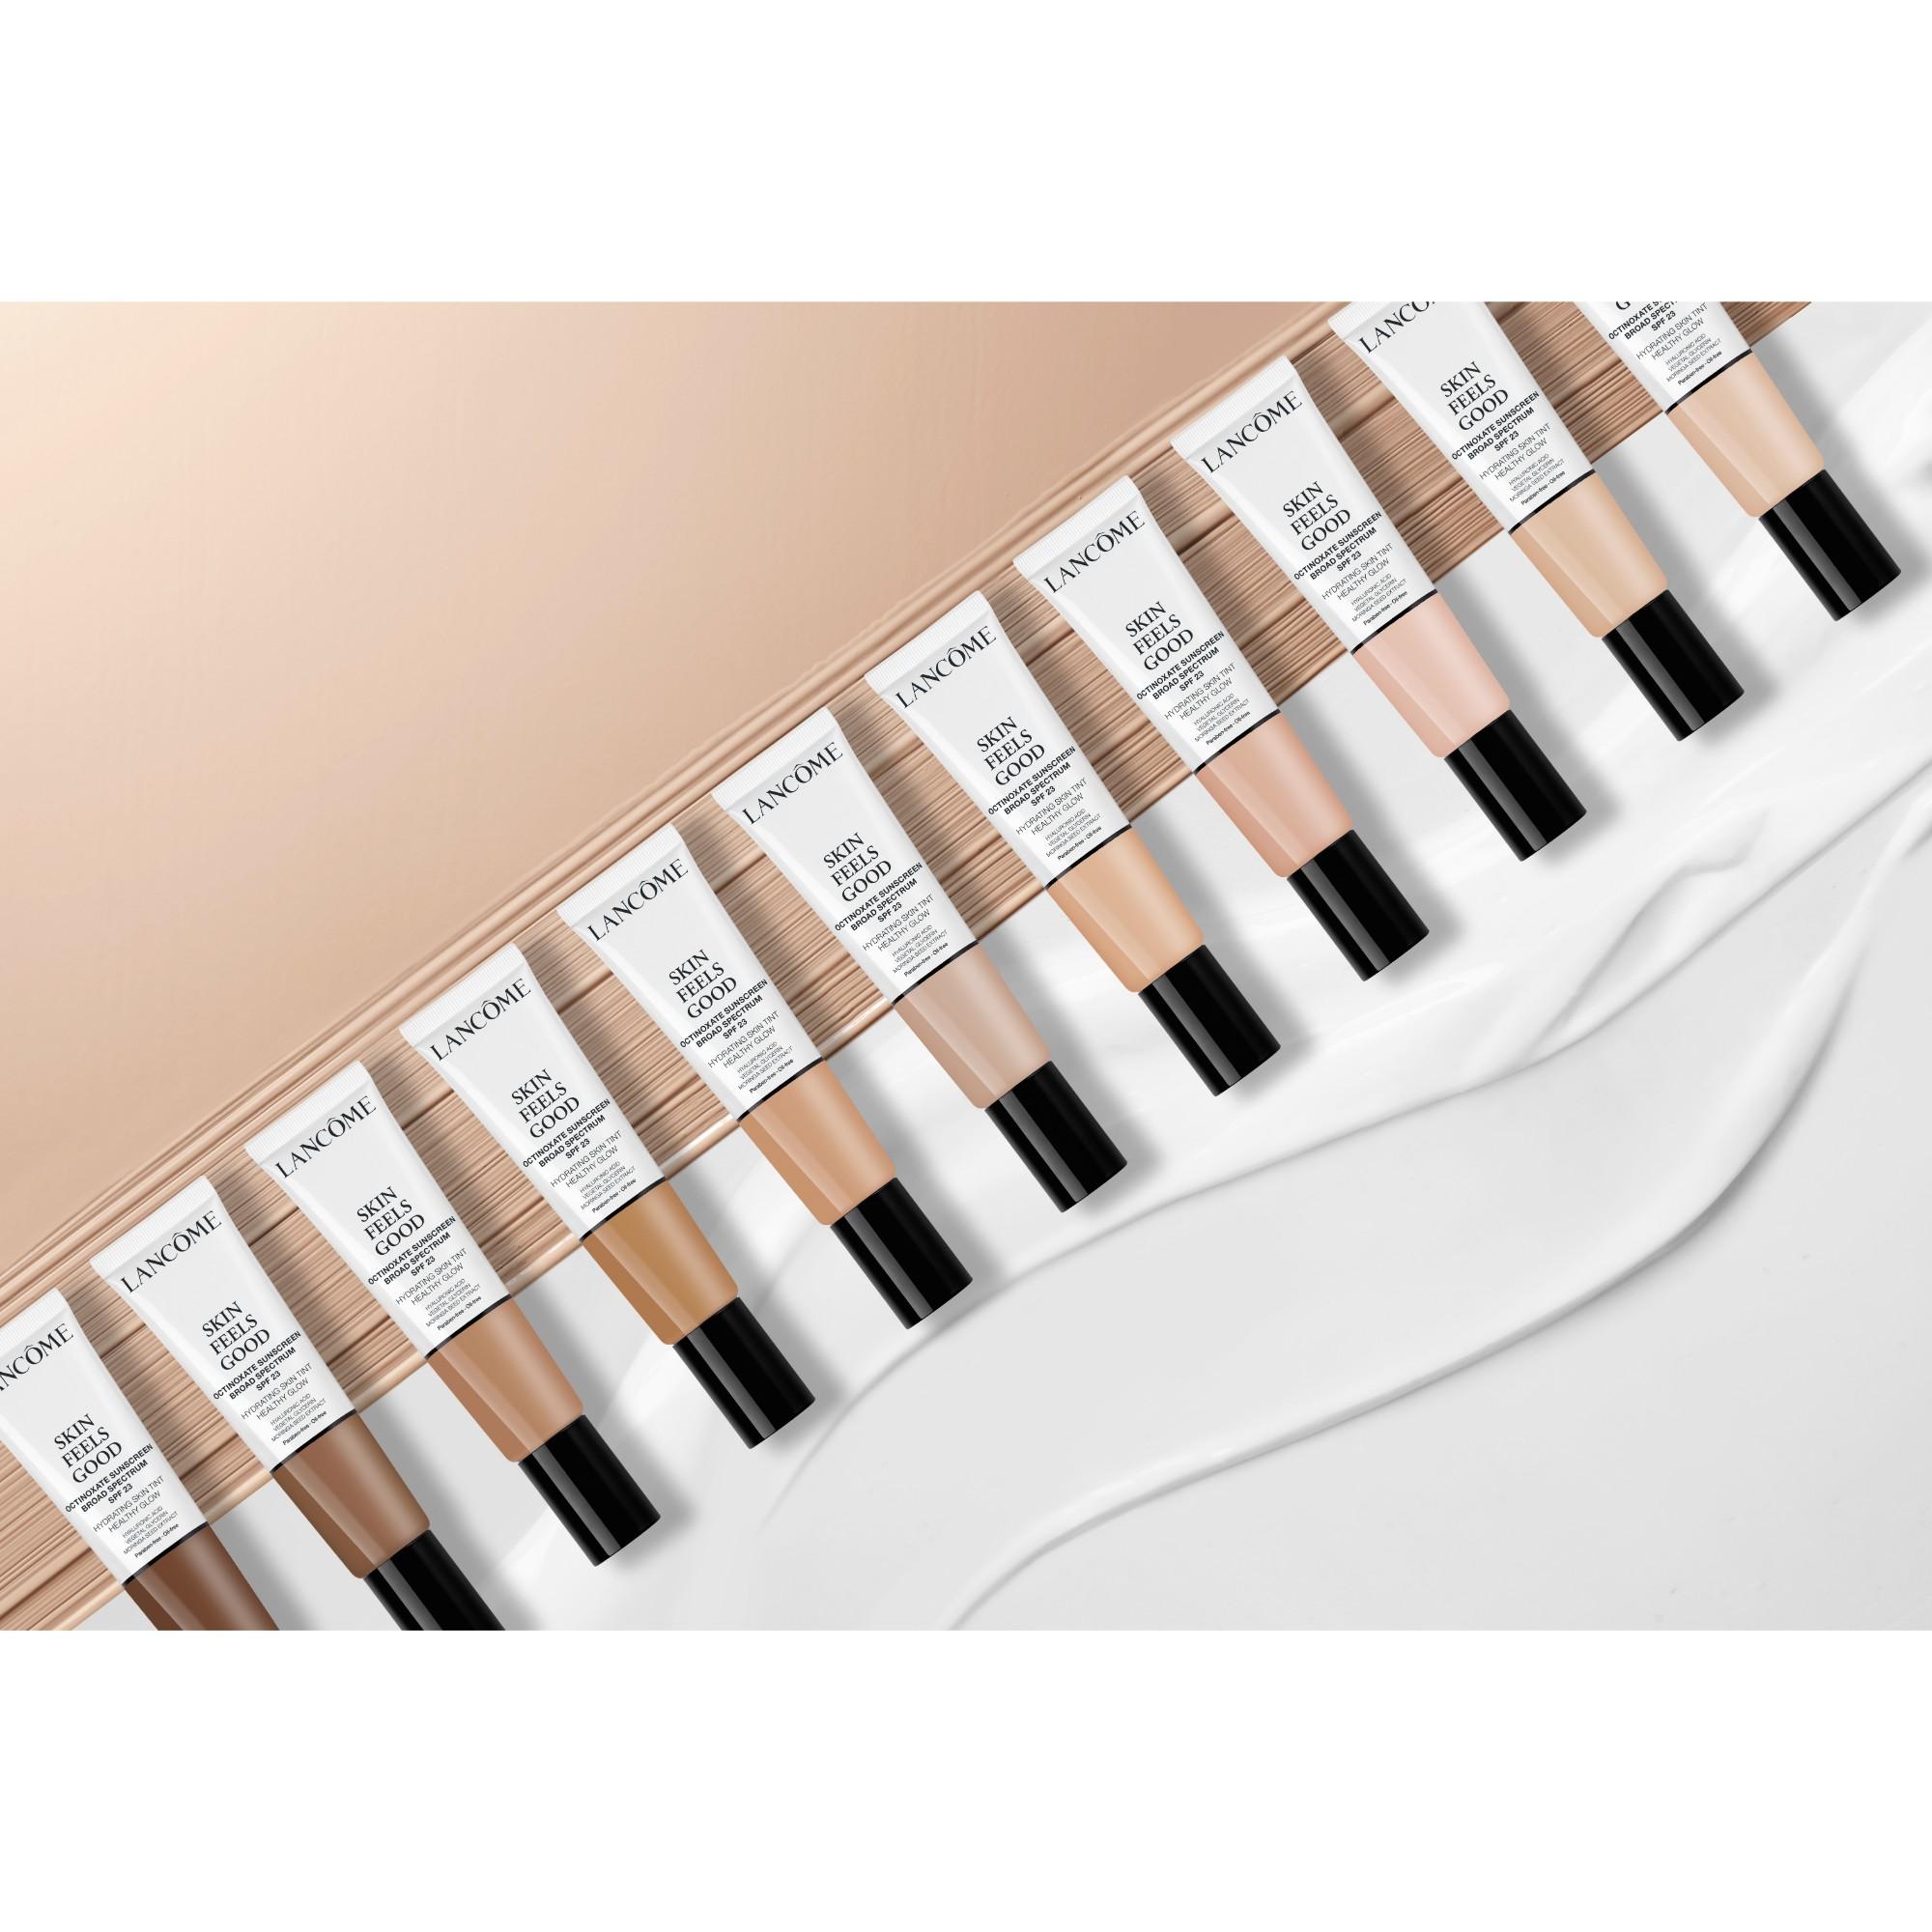 Skin Feels Good Tinted Moisturizer 03N Cream Beige